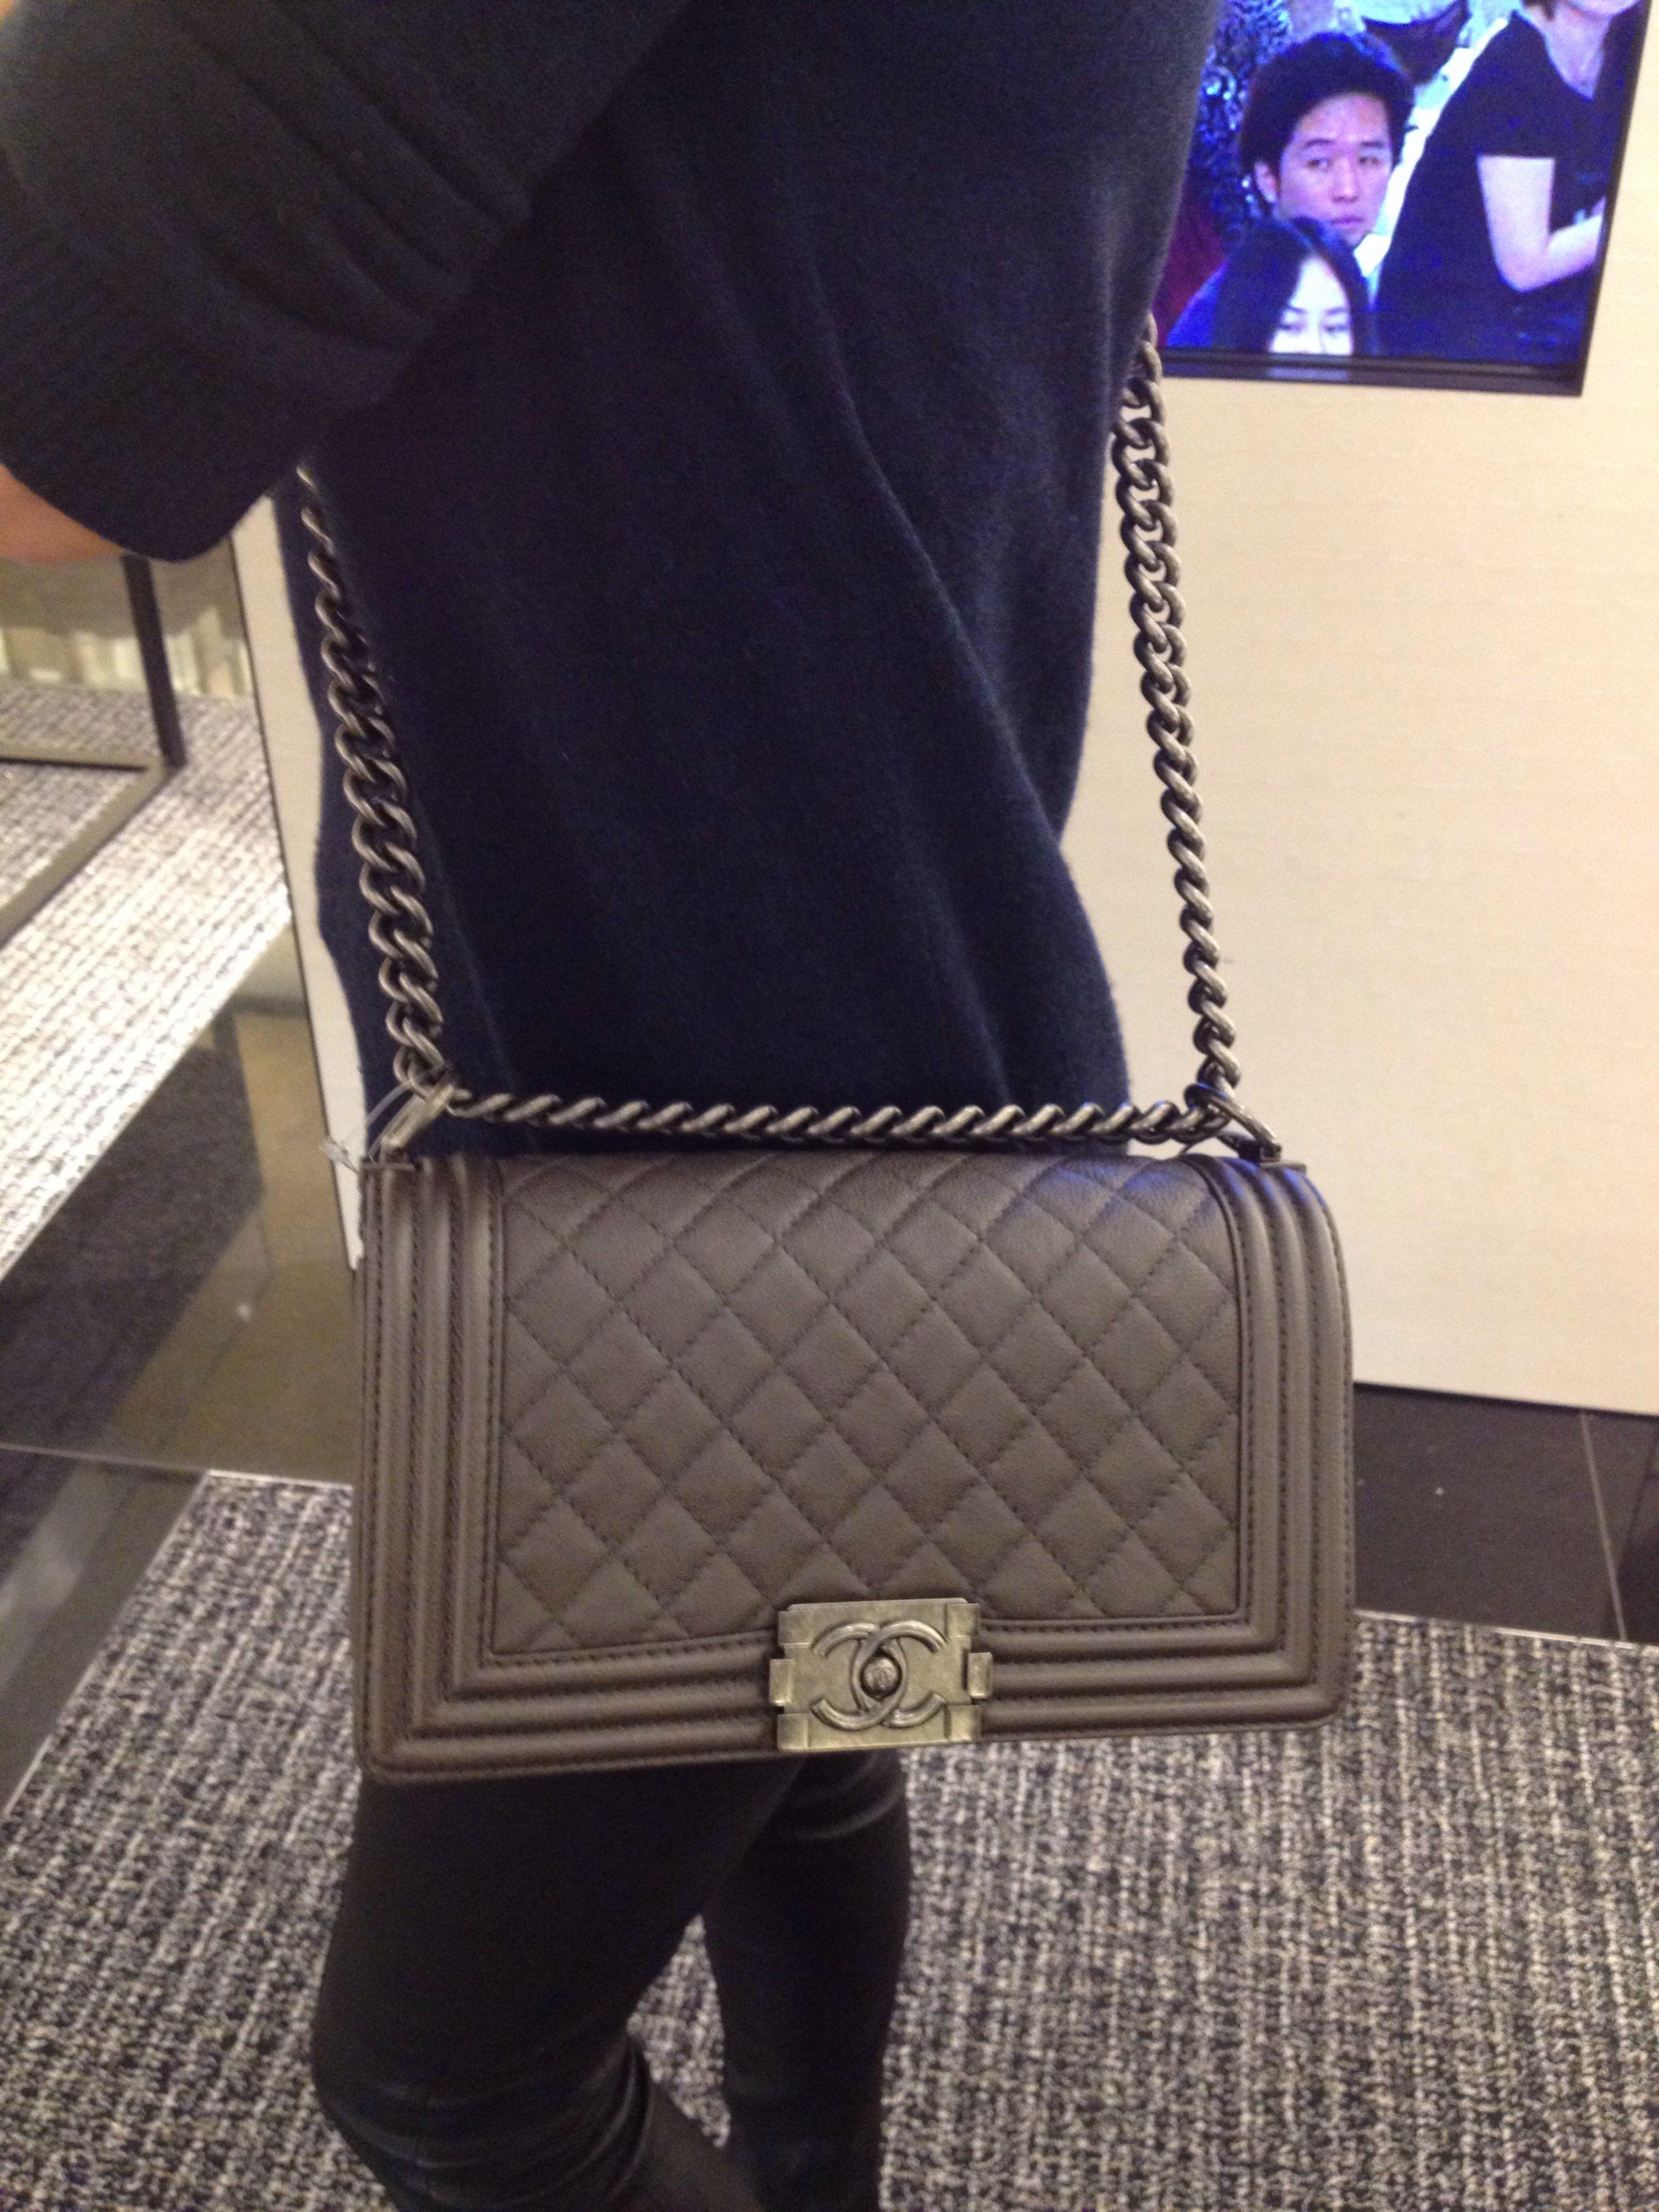 1e56f8fa37fa Pin by Ashley Cooper on Chanel Boy Handbags in 2019 | Chanel boy bag ...